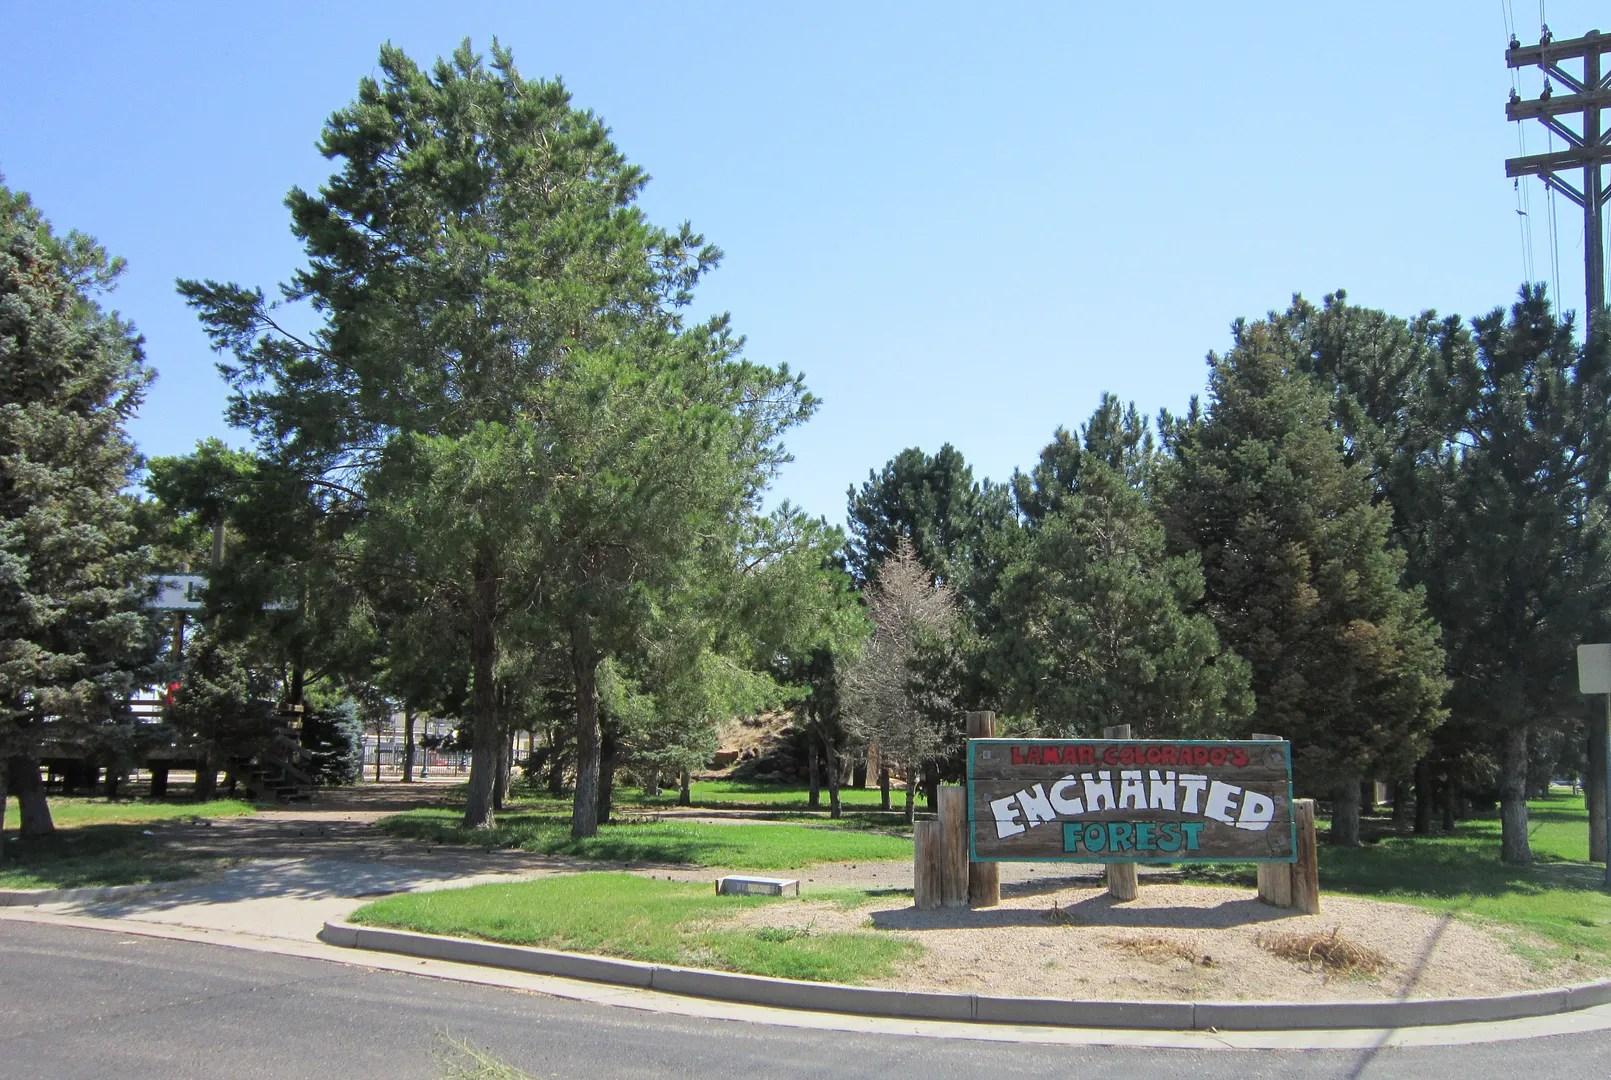 Enchanted Forest, Lamar, Colorado